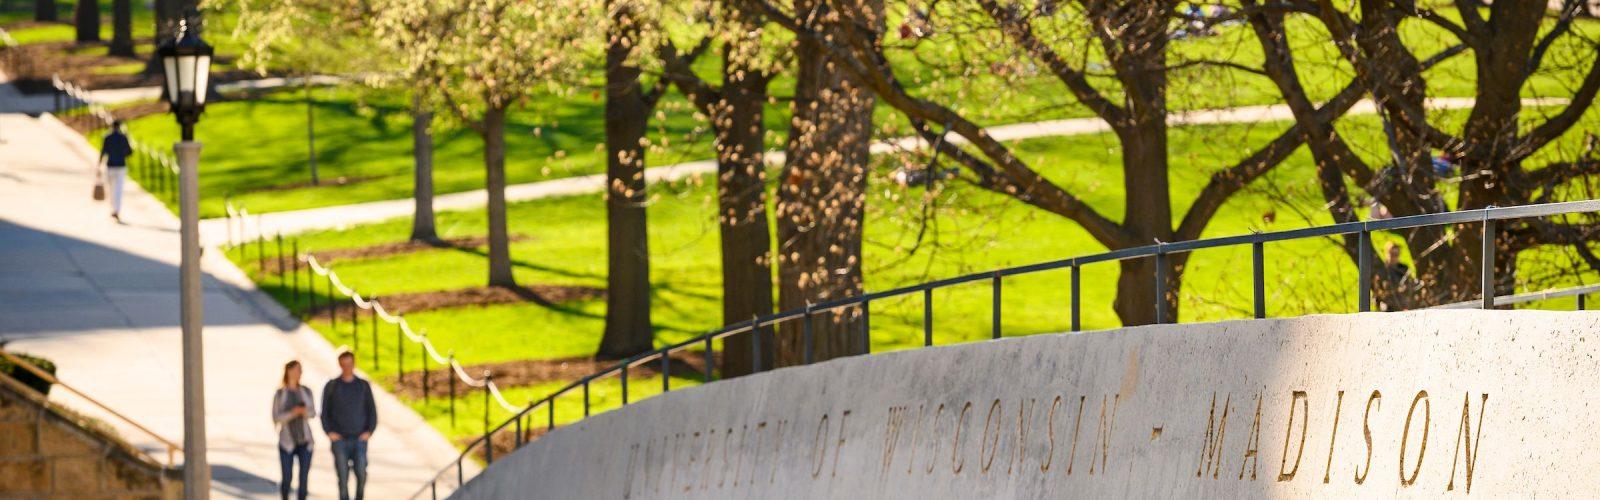 UW-Madison campus in Spring